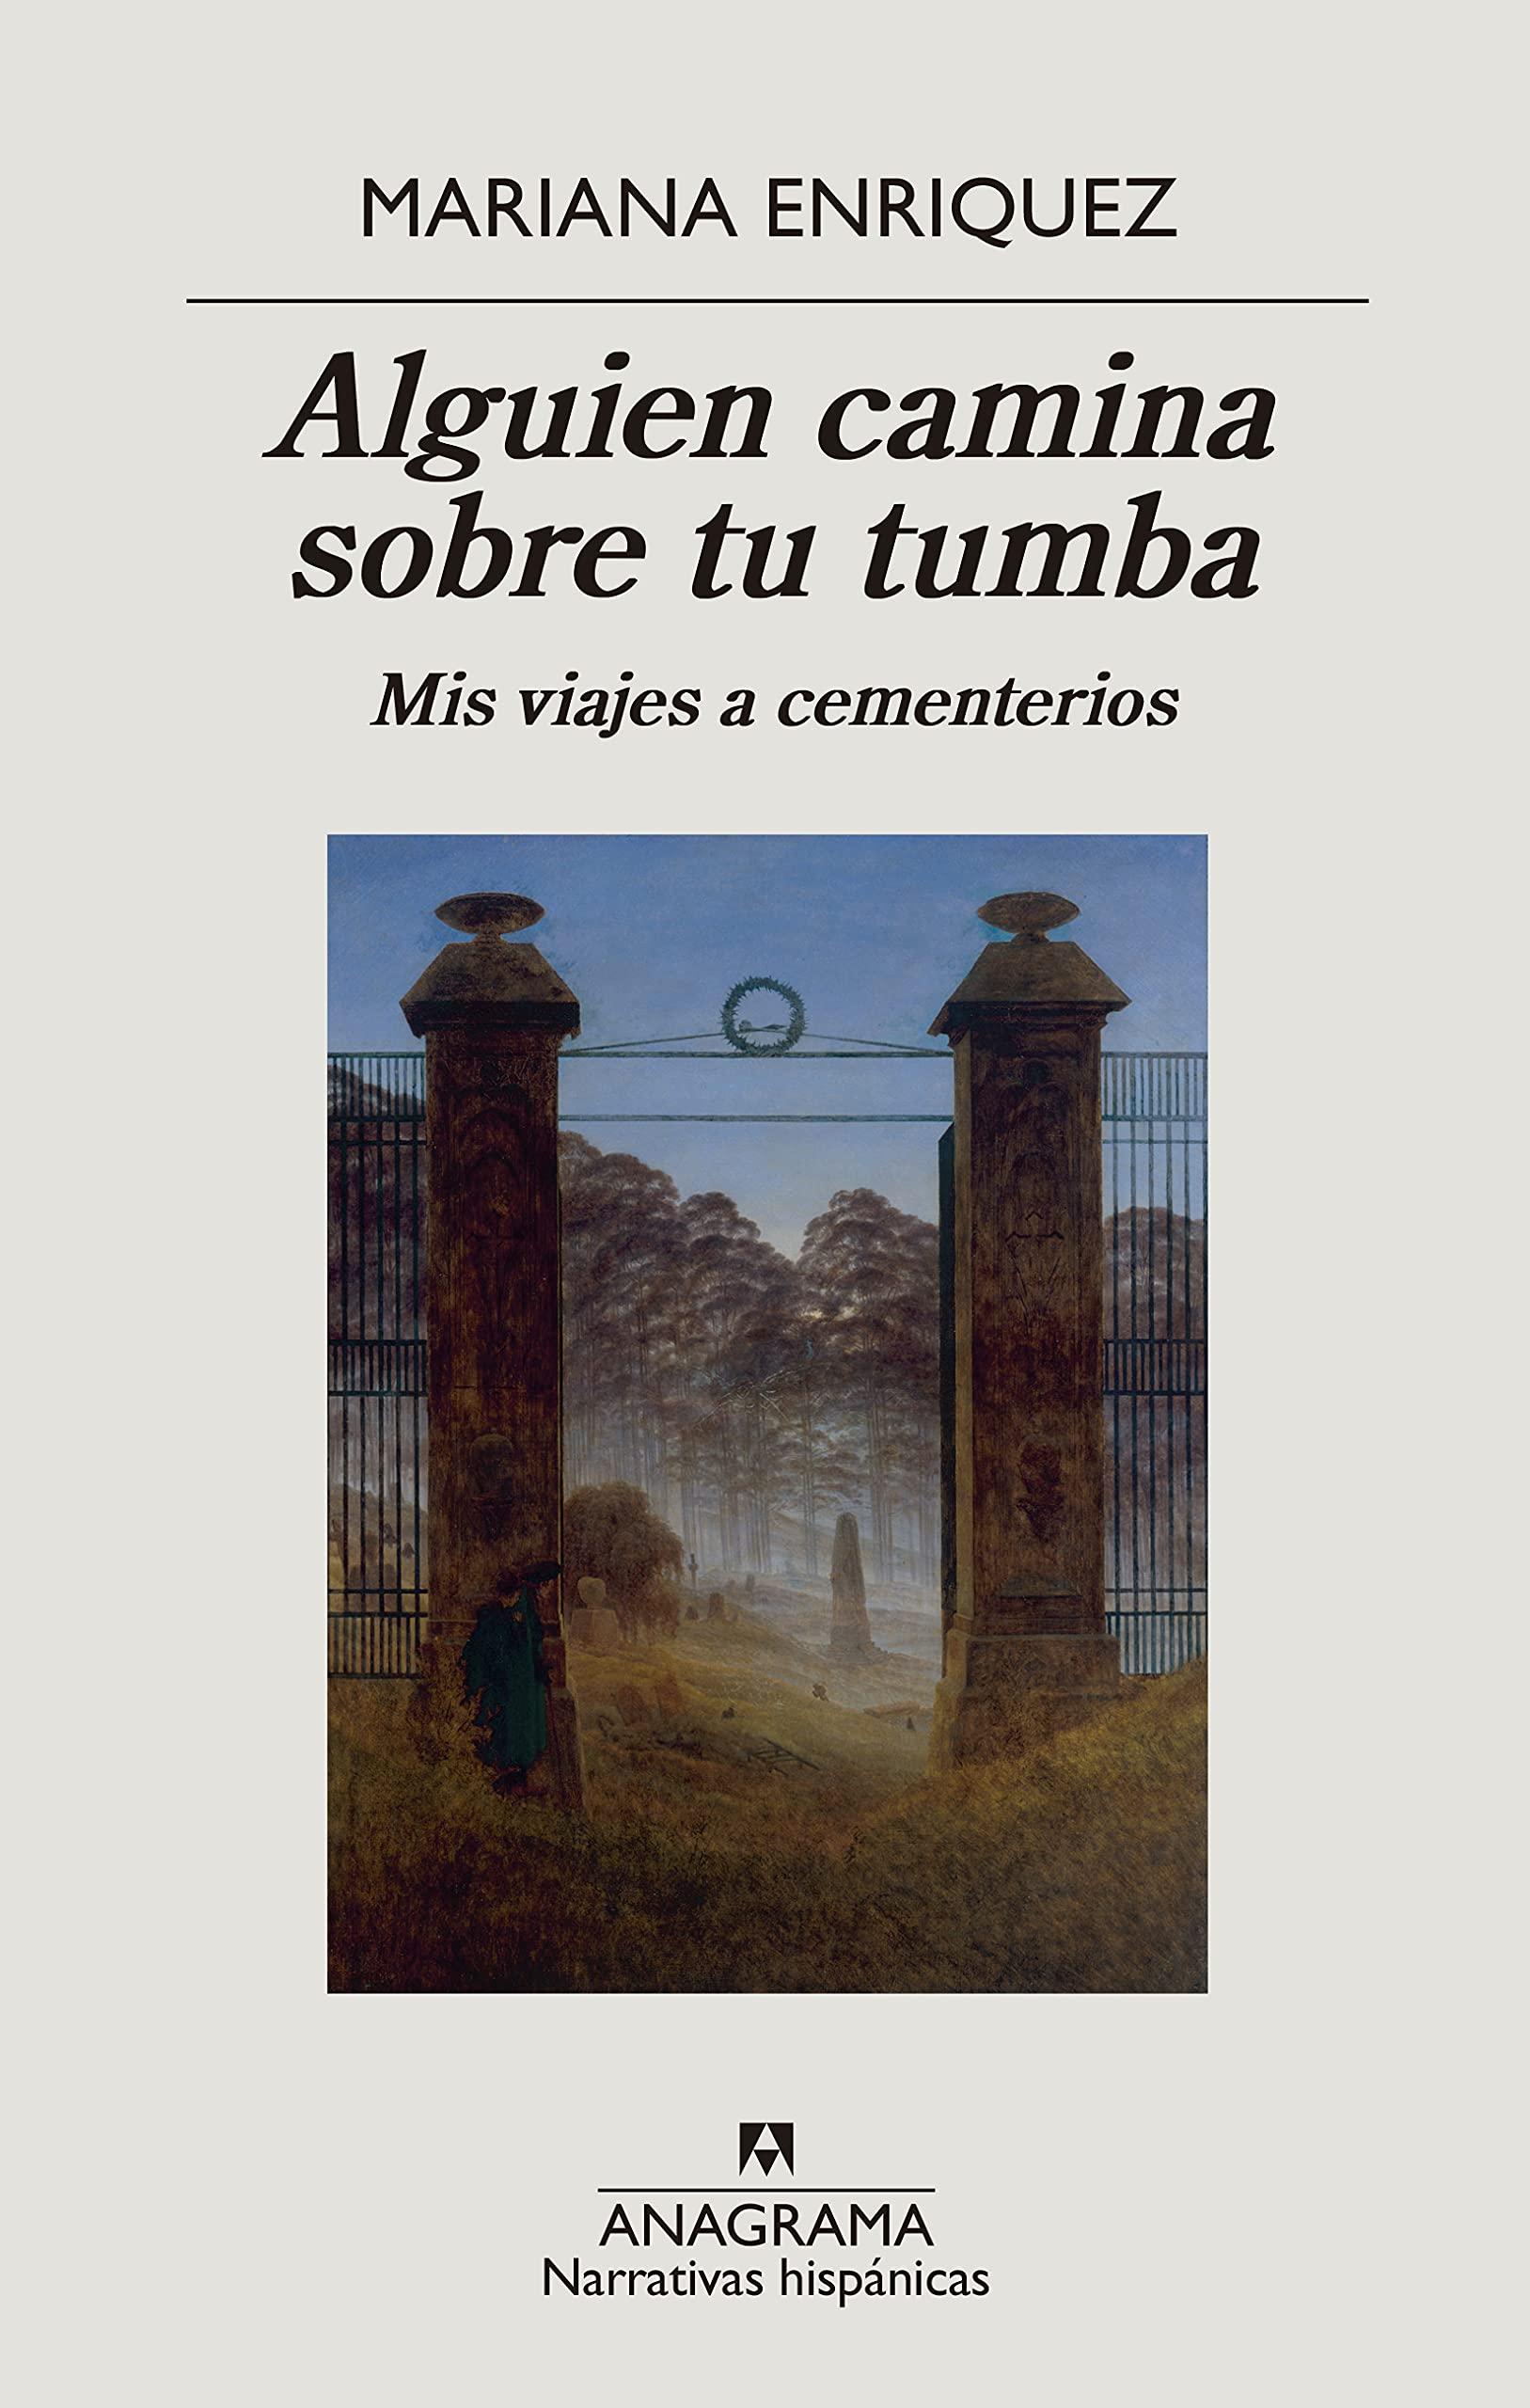 Alguien camina sobre tu tumba - Libro de viaje a cementerios